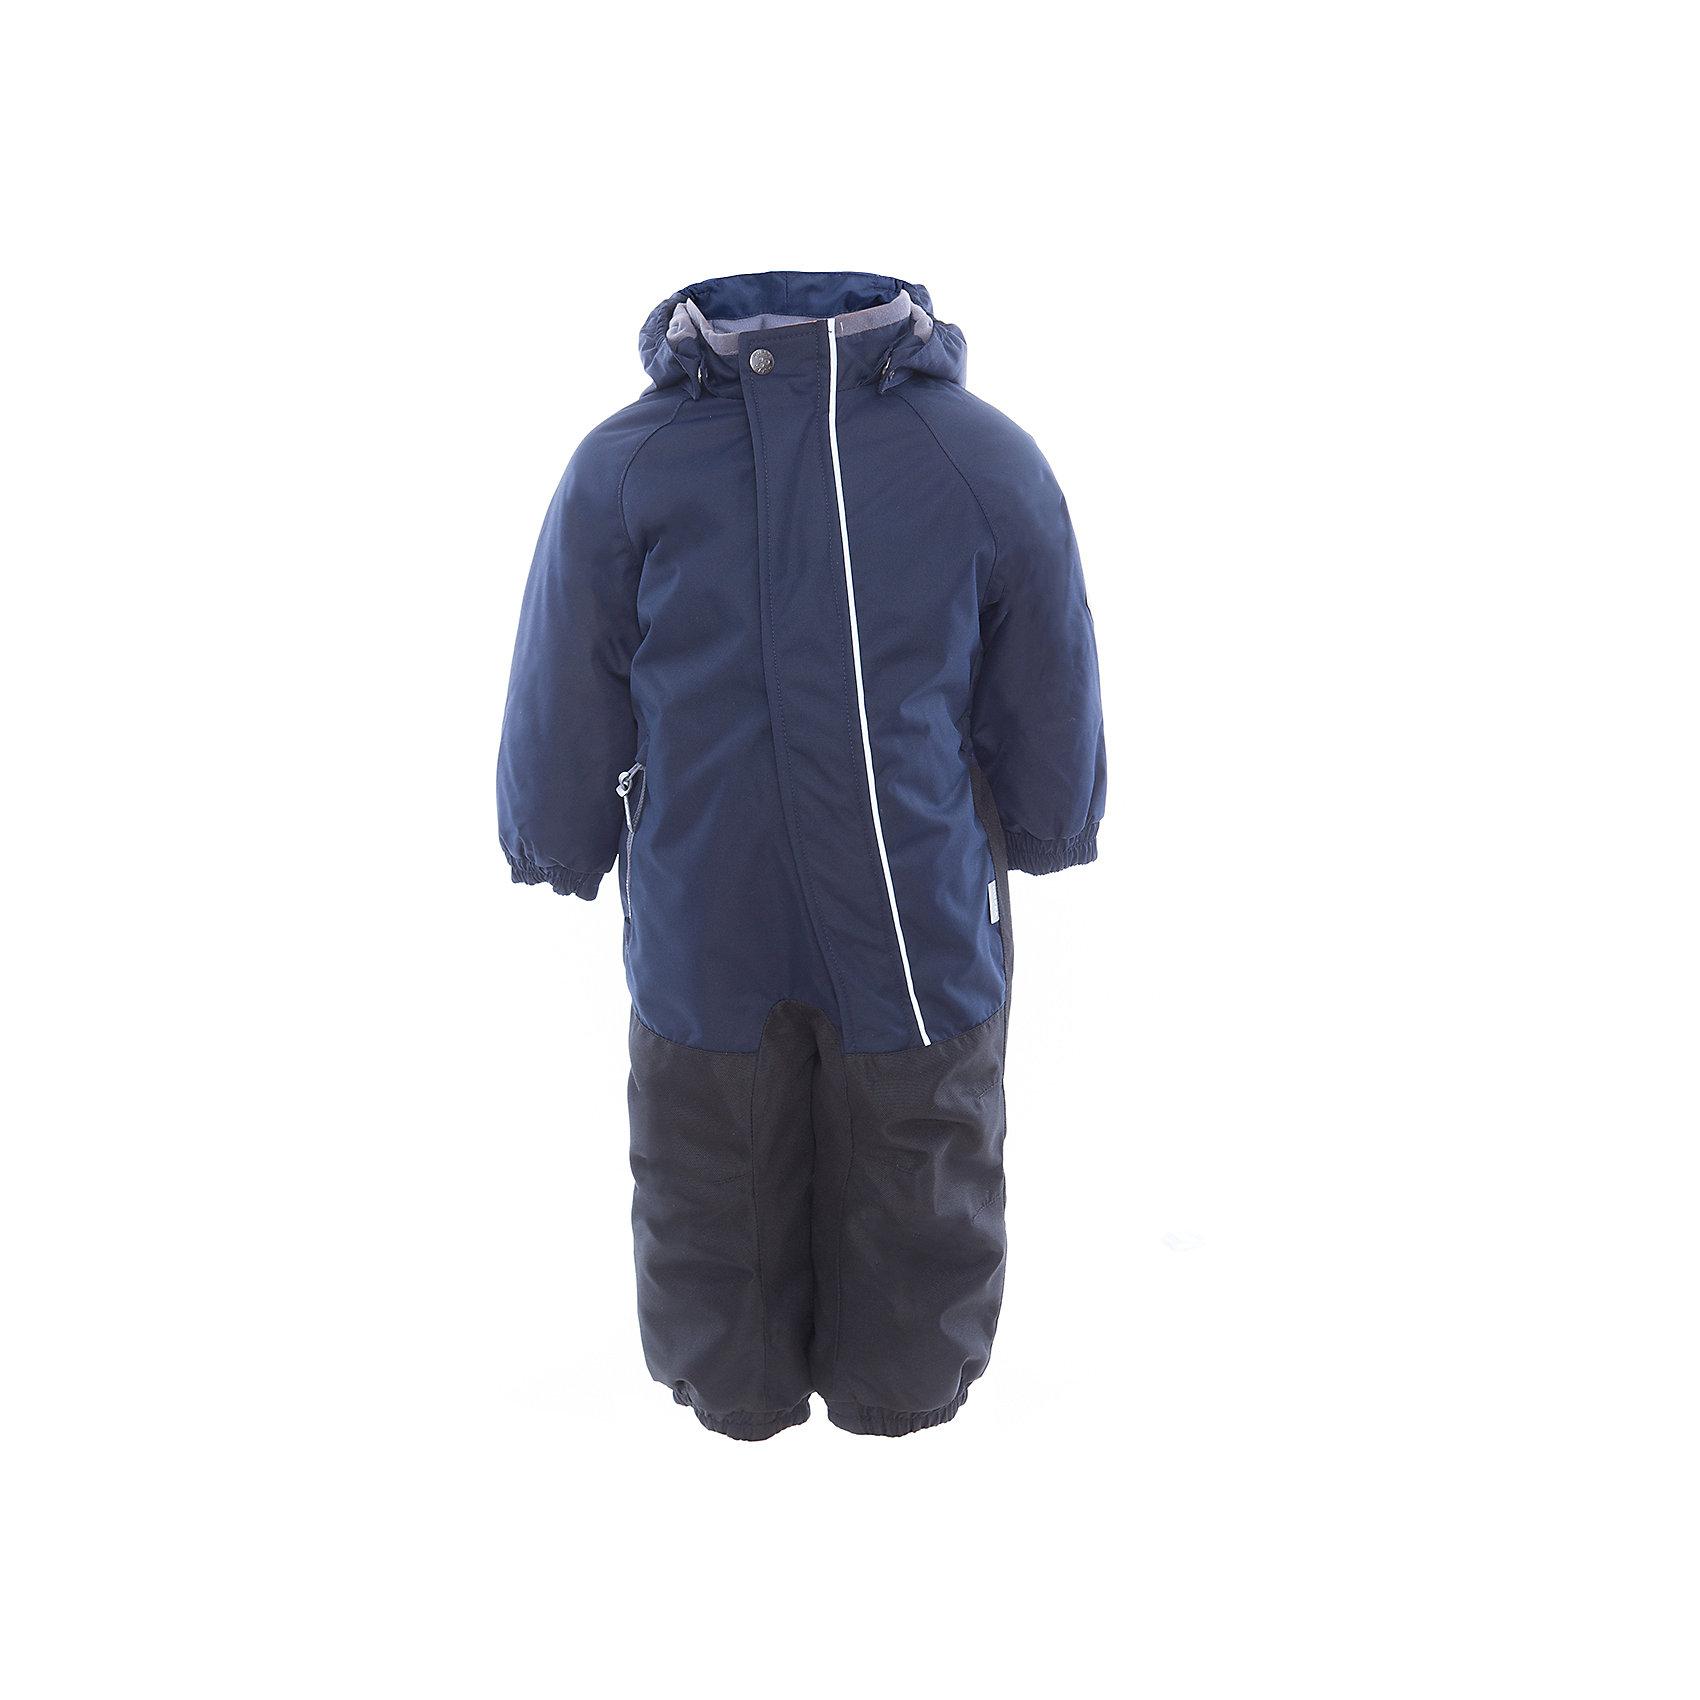 Комбинезон CHRIS для мальчика HuppaКомбинезоны<br>Характеристики товара:<br><br>• цвет: тёмно-синий<br>• ткань: 100% полиэстер<br>• подкладка: тафта, pritex - 100% полиэстер<br>• утеплитель: 100% полиэстер 100 г<br>• температурный режим: от -5°С до +10°С<br>• водонепроницаемость: 10000 мм<br>• воздухопроницаемость: 10000 мм<br>• светоотражающие детали<br>• средний задний шов, боковые и внутренние швы проклеены<br>• съёмный капюшон с резинкой<br>• защита подбородка<br>• эластичные манжеты<br>• манжеты брюк с резинкой<br>• съёмные эластичные штрипки<br>• без внутренних швов<br>• коллекция: весна-лето 2017<br>• страна бренда: Эстония<br><br>Этот удобный комбинезон обеспечит детям тепло и комфорт. Он сделан из материала, отталкивающего воду, и дополнен подкладкой с утеплителем, поэтому изделие идеально подходит для межсезонья. Материал изделия - с мембранной технологией: защищая от влаги и ветра, он легко выводит лишнюю влагу наружу. Комбинезон очень симпатично смотрится. <br><br>Одежда и обувь от популярного эстонского бренда Huppa - отличный вариант одеть ребенка можно и комфортно. Вещи, выпускаемые компанией, качественные, продуманные и очень удобные. Для производства изделий используются только безопасные для детей материалы. Продукция от Huppa порадует и детей, и их родителей!<br><br>Комбинезон GOLDEN от бренда Huppa (Хуппа) можно купить в нашем интернет-магазине.<br><br>Ширина мм: 356<br>Глубина мм: 10<br>Высота мм: 245<br>Вес г: 519<br>Цвет: синий<br>Возраст от месяцев: 36<br>Возраст до месяцев: 48<br>Пол: Мужской<br>Возраст: Детский<br>Размер: 104,80,86,92,98<br>SKU: 5346530